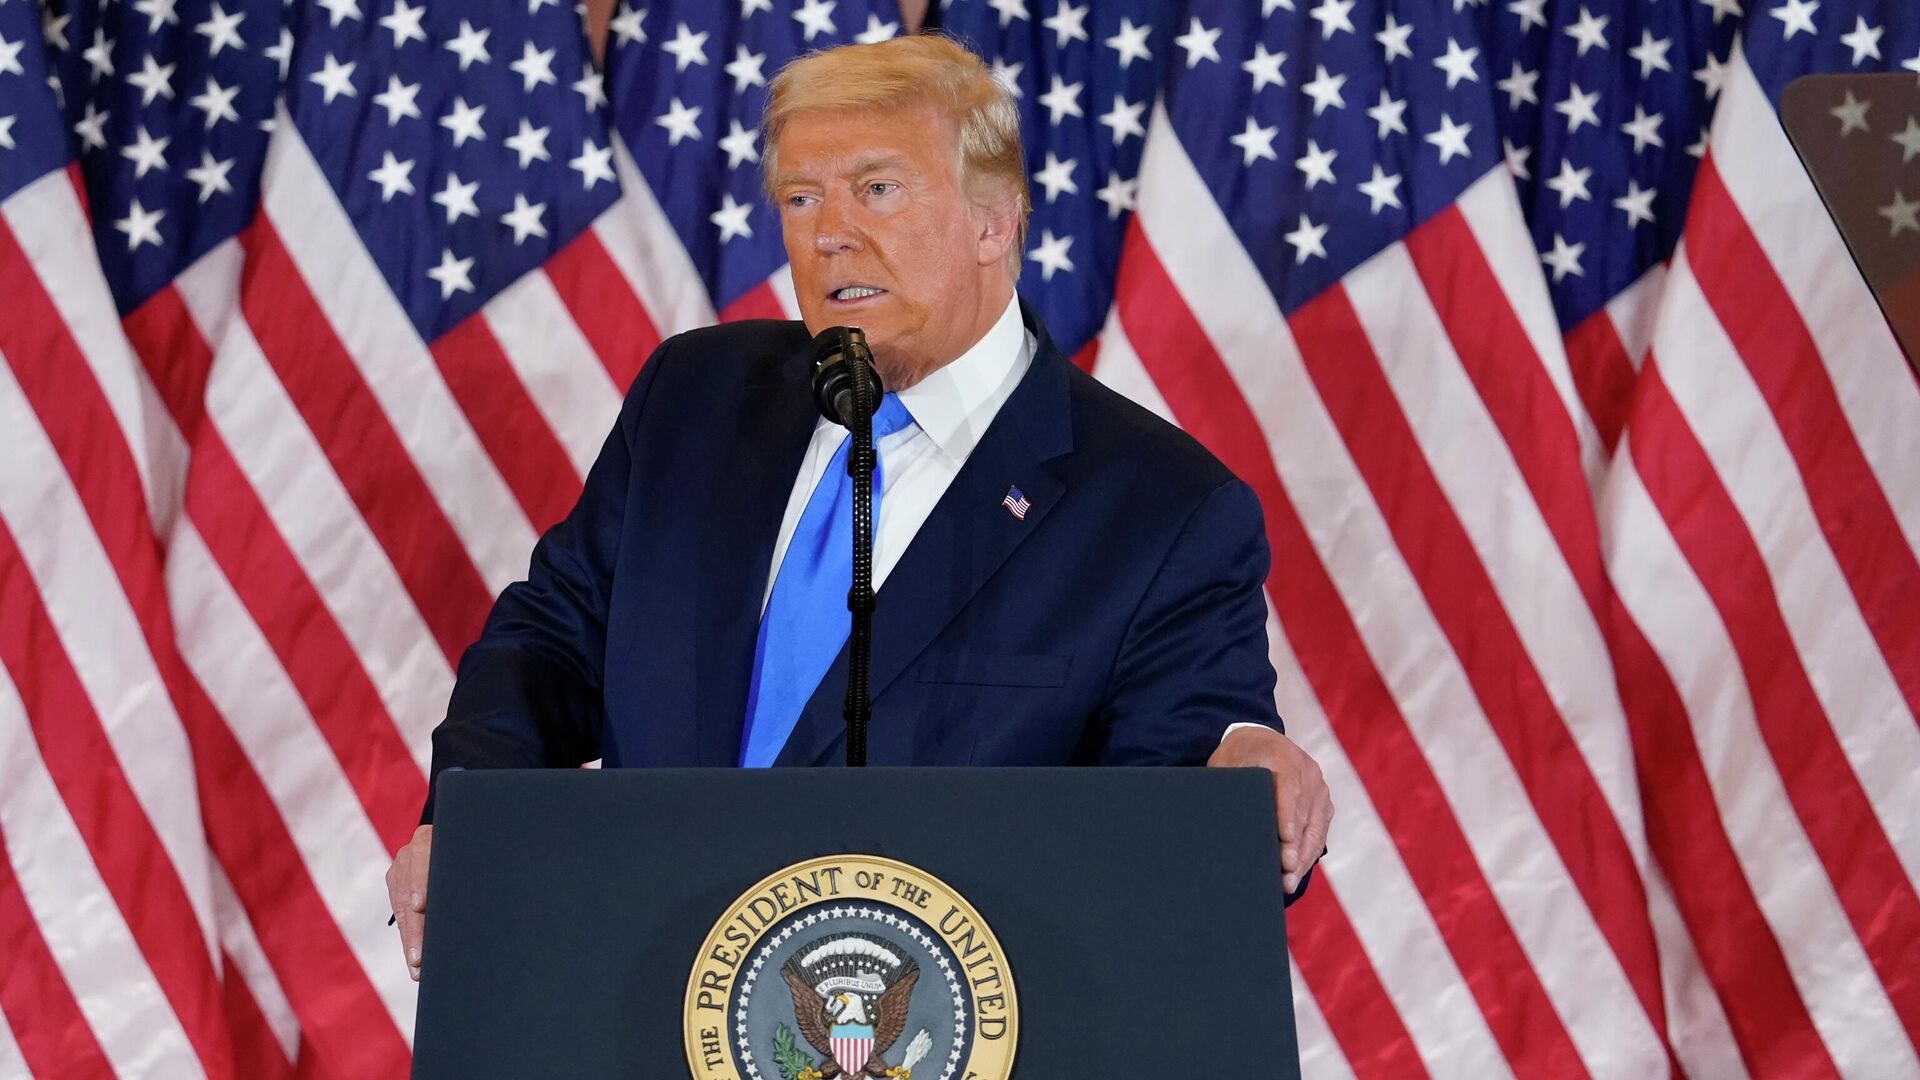 Президент США Дональд Трамп делает заявление относительно первых результатов президентских выборов в США - РИА Новости, 1920, 04.11.2020